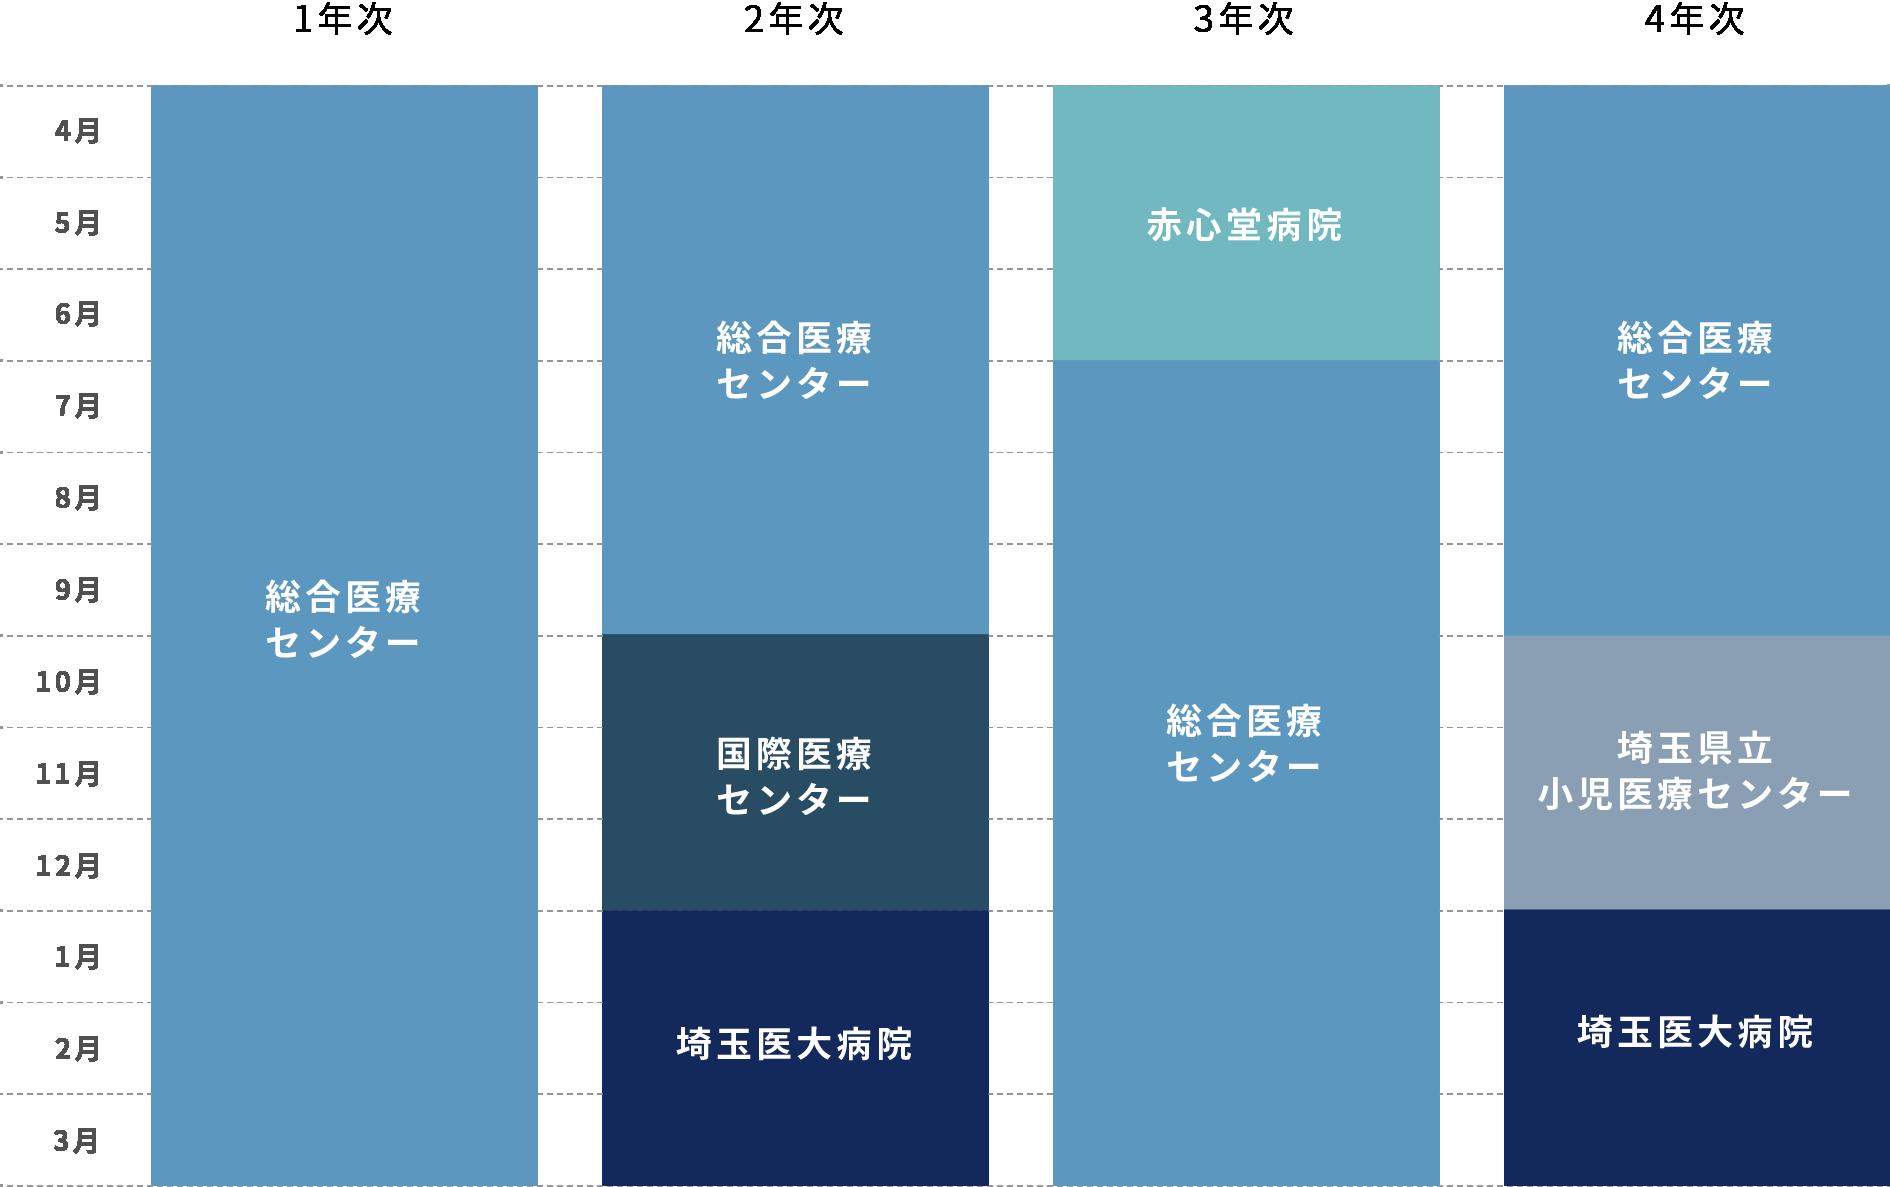 後期研修プログラムのモデルコース SMC重点ローテーションの図